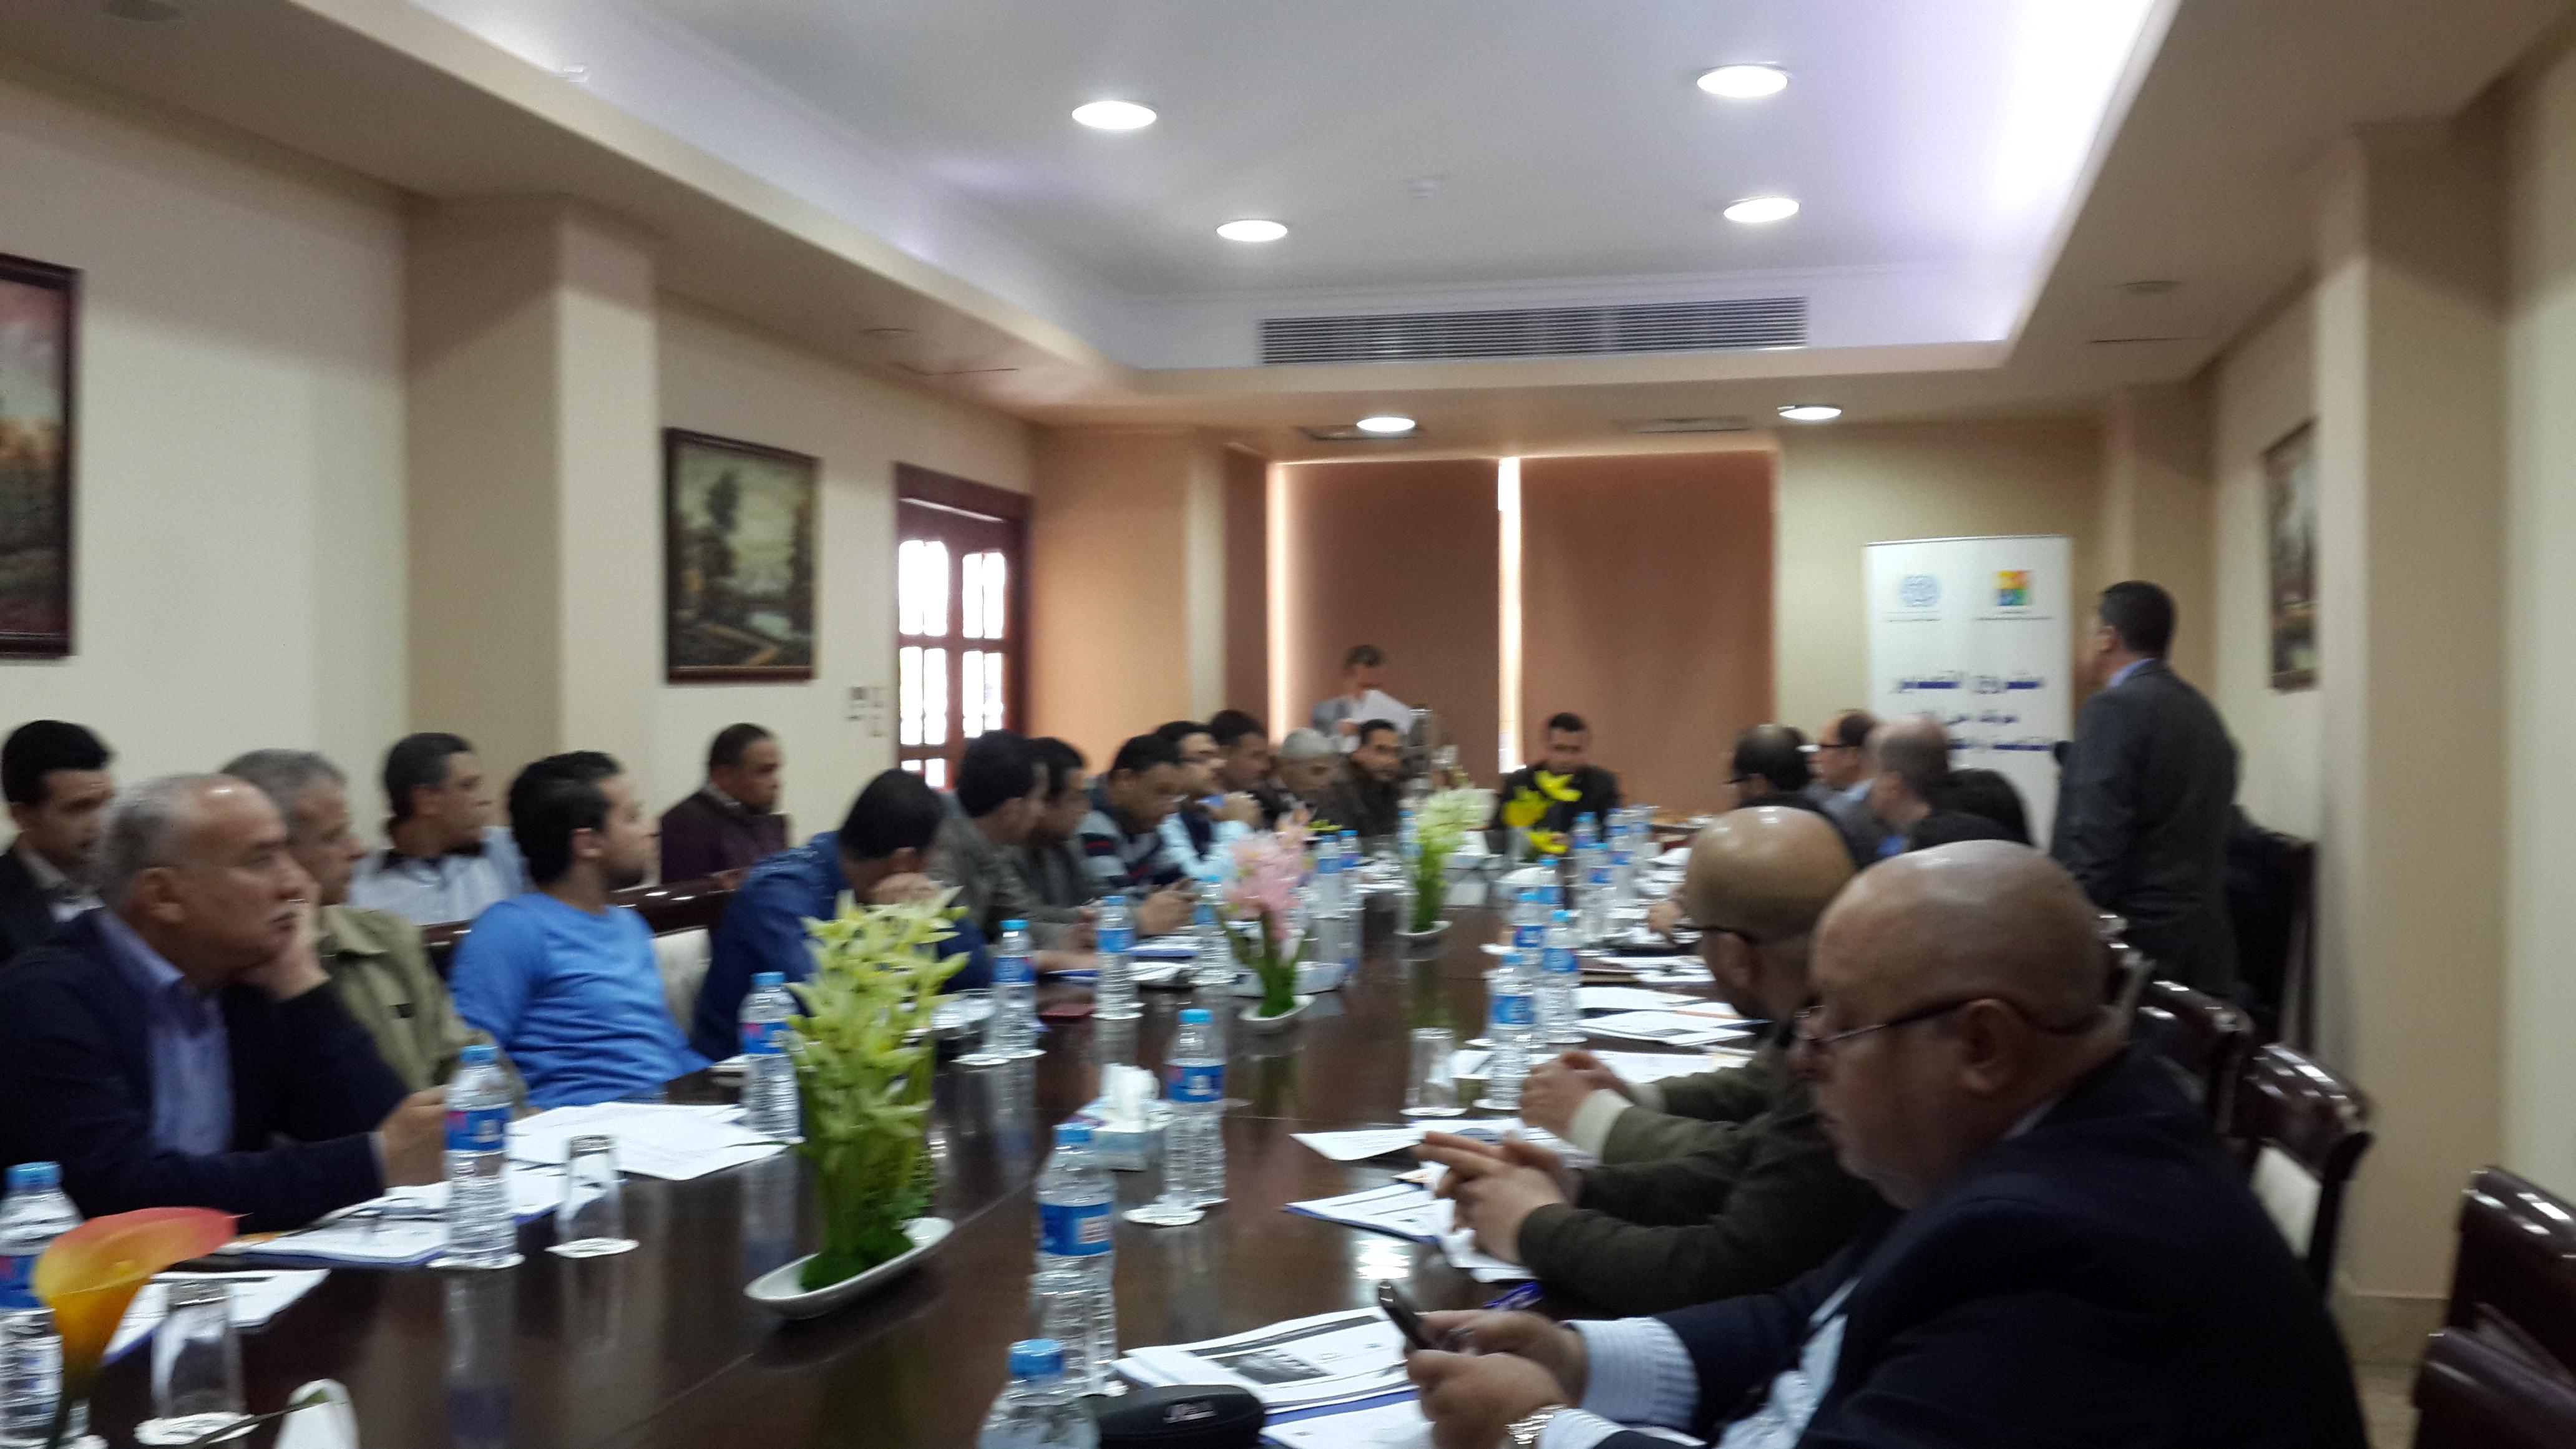 Excellence Center Egypt20160322-20160322_102518 .jpg